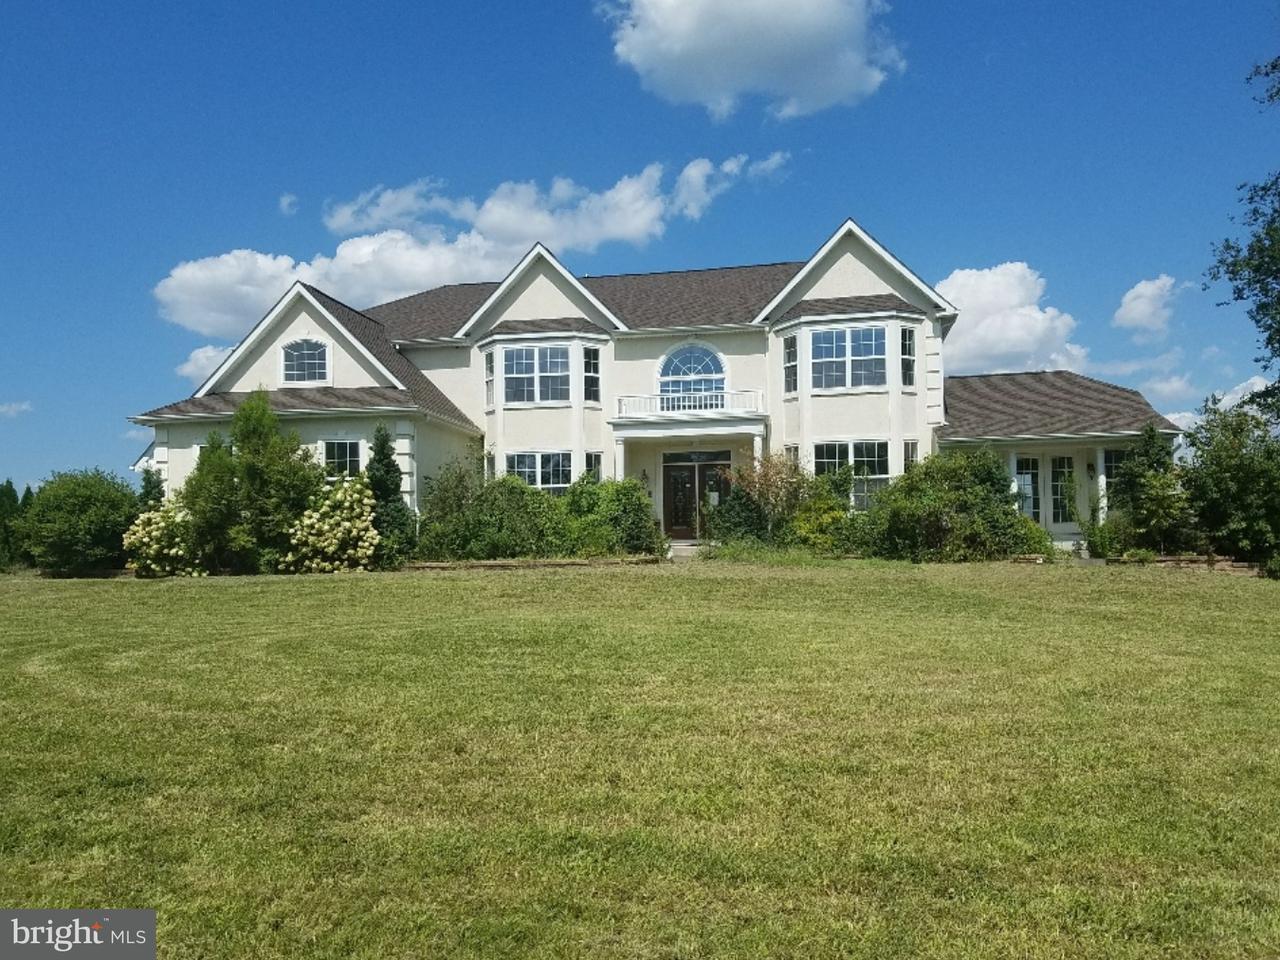 단독 가정 주택 용 매매 에 11 AMETHYST Court Swedesboro, 뉴저지 08085 미국